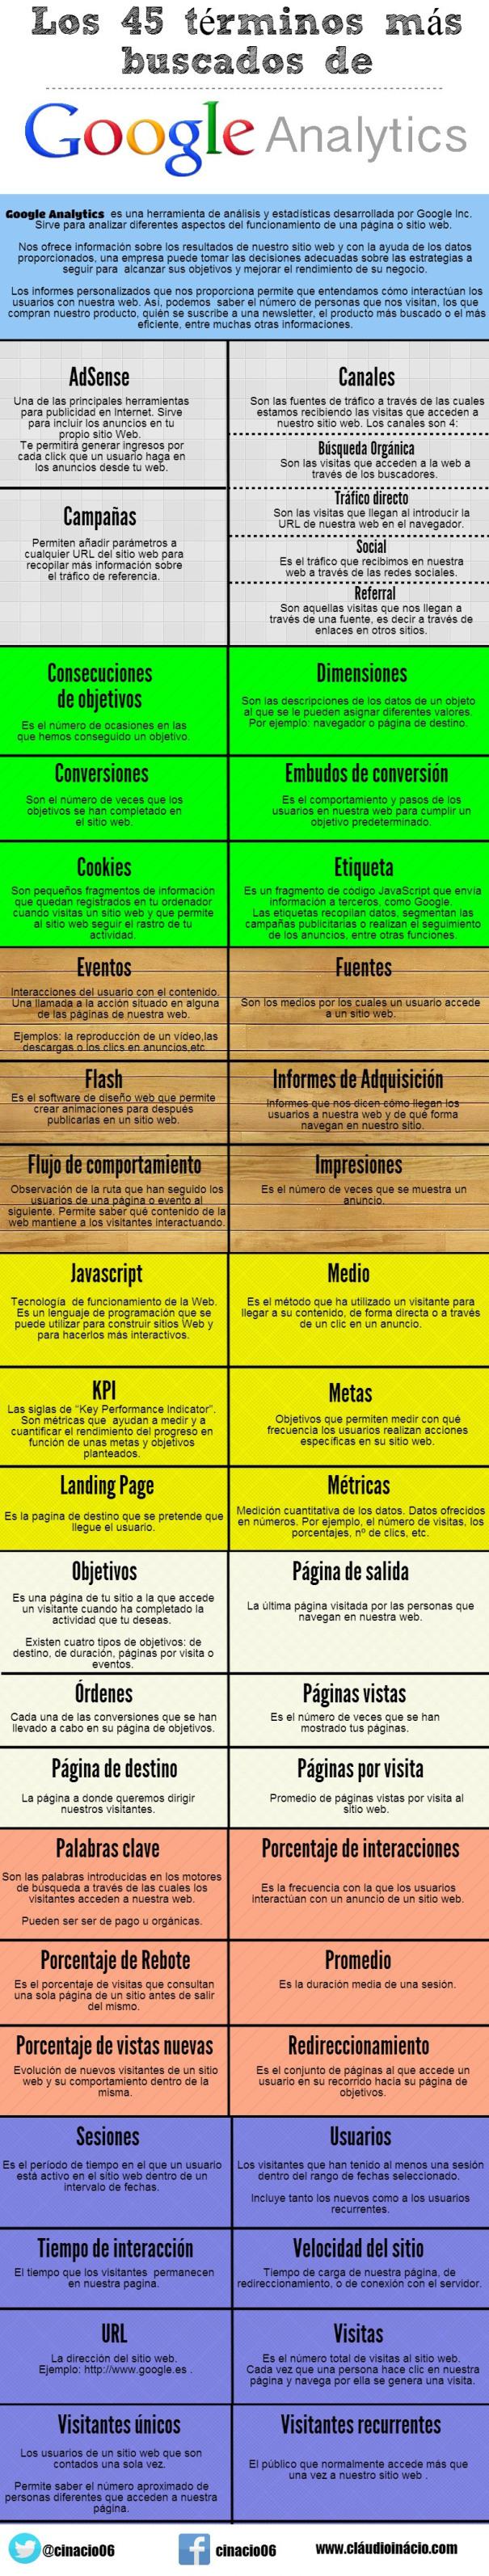 Los 45 términos más buscados en Google Analytics #infografia #infographic #marketing - TICs y Formación